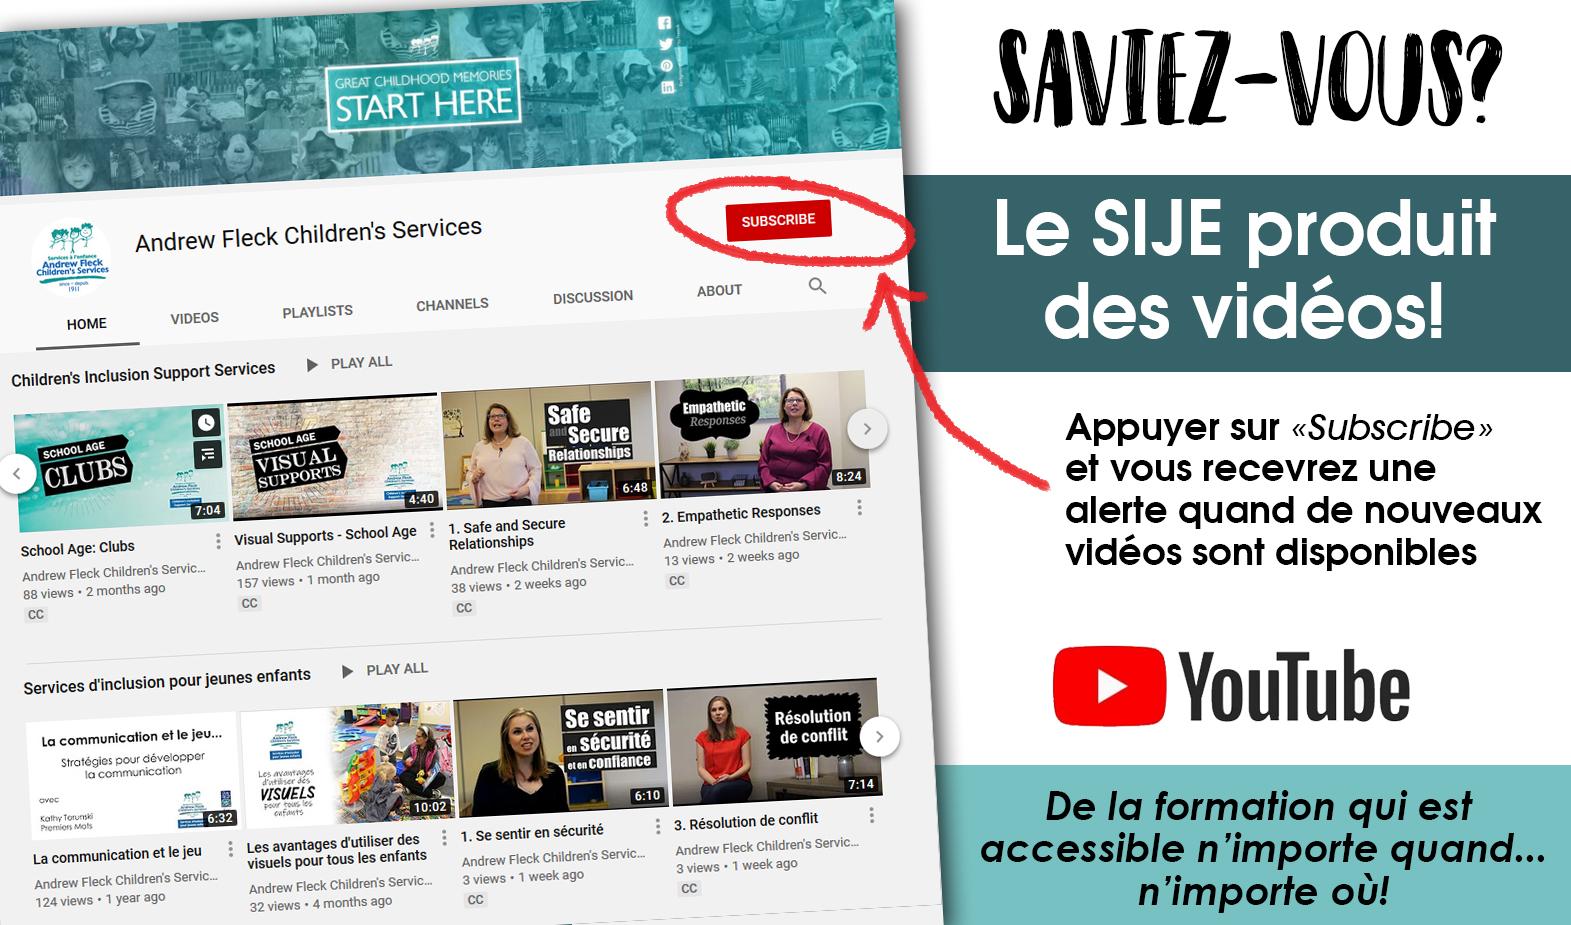 YouTube Promo_FR.jpg